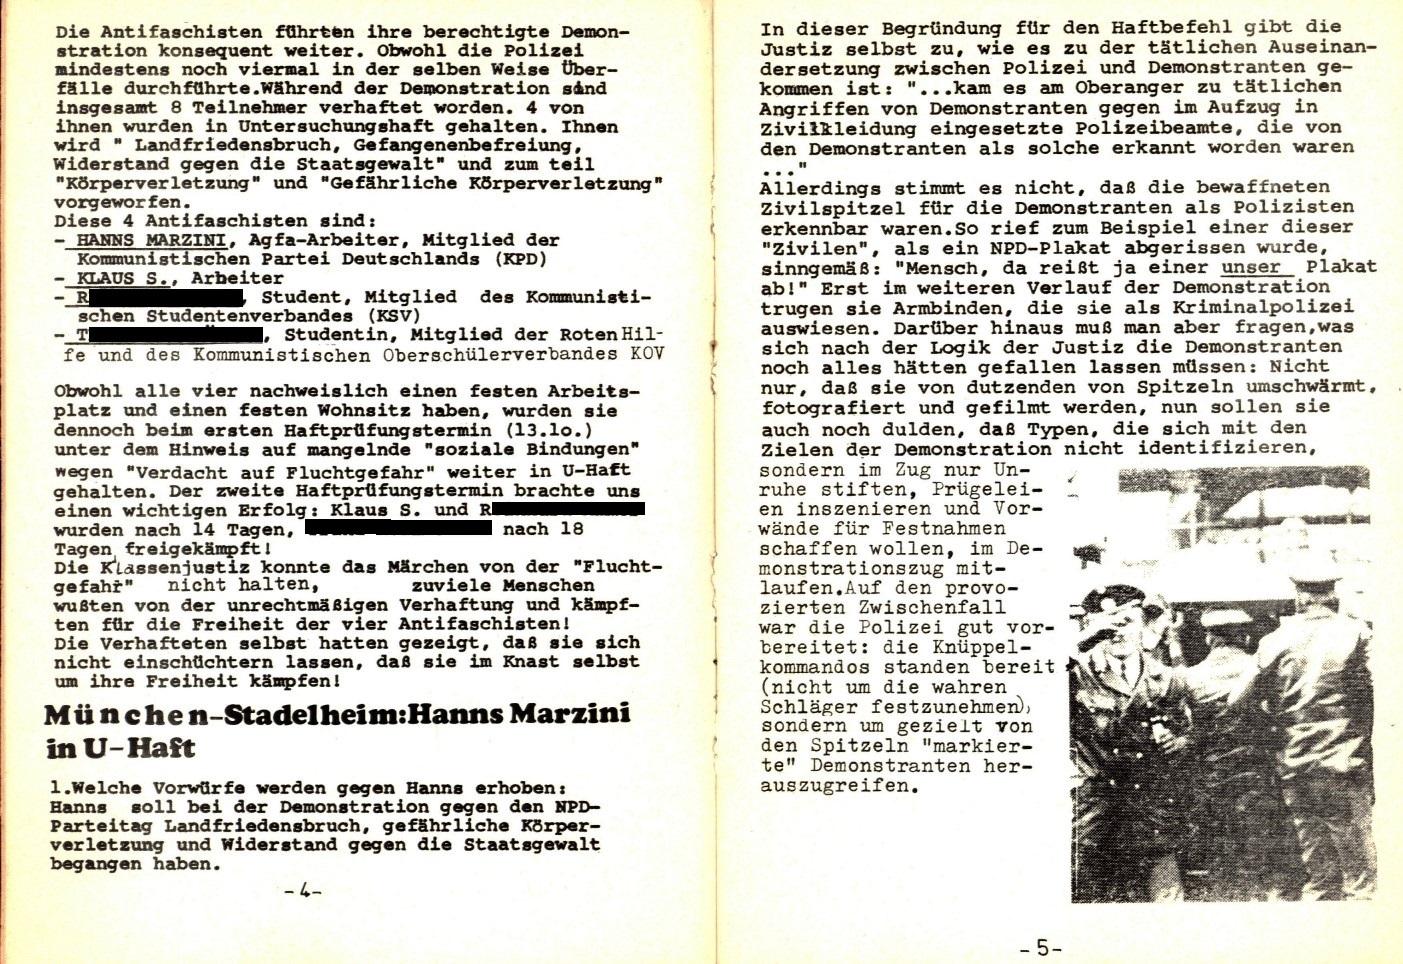 Muenchen_KPDAO_1975_Solikomitee_Marzini_04